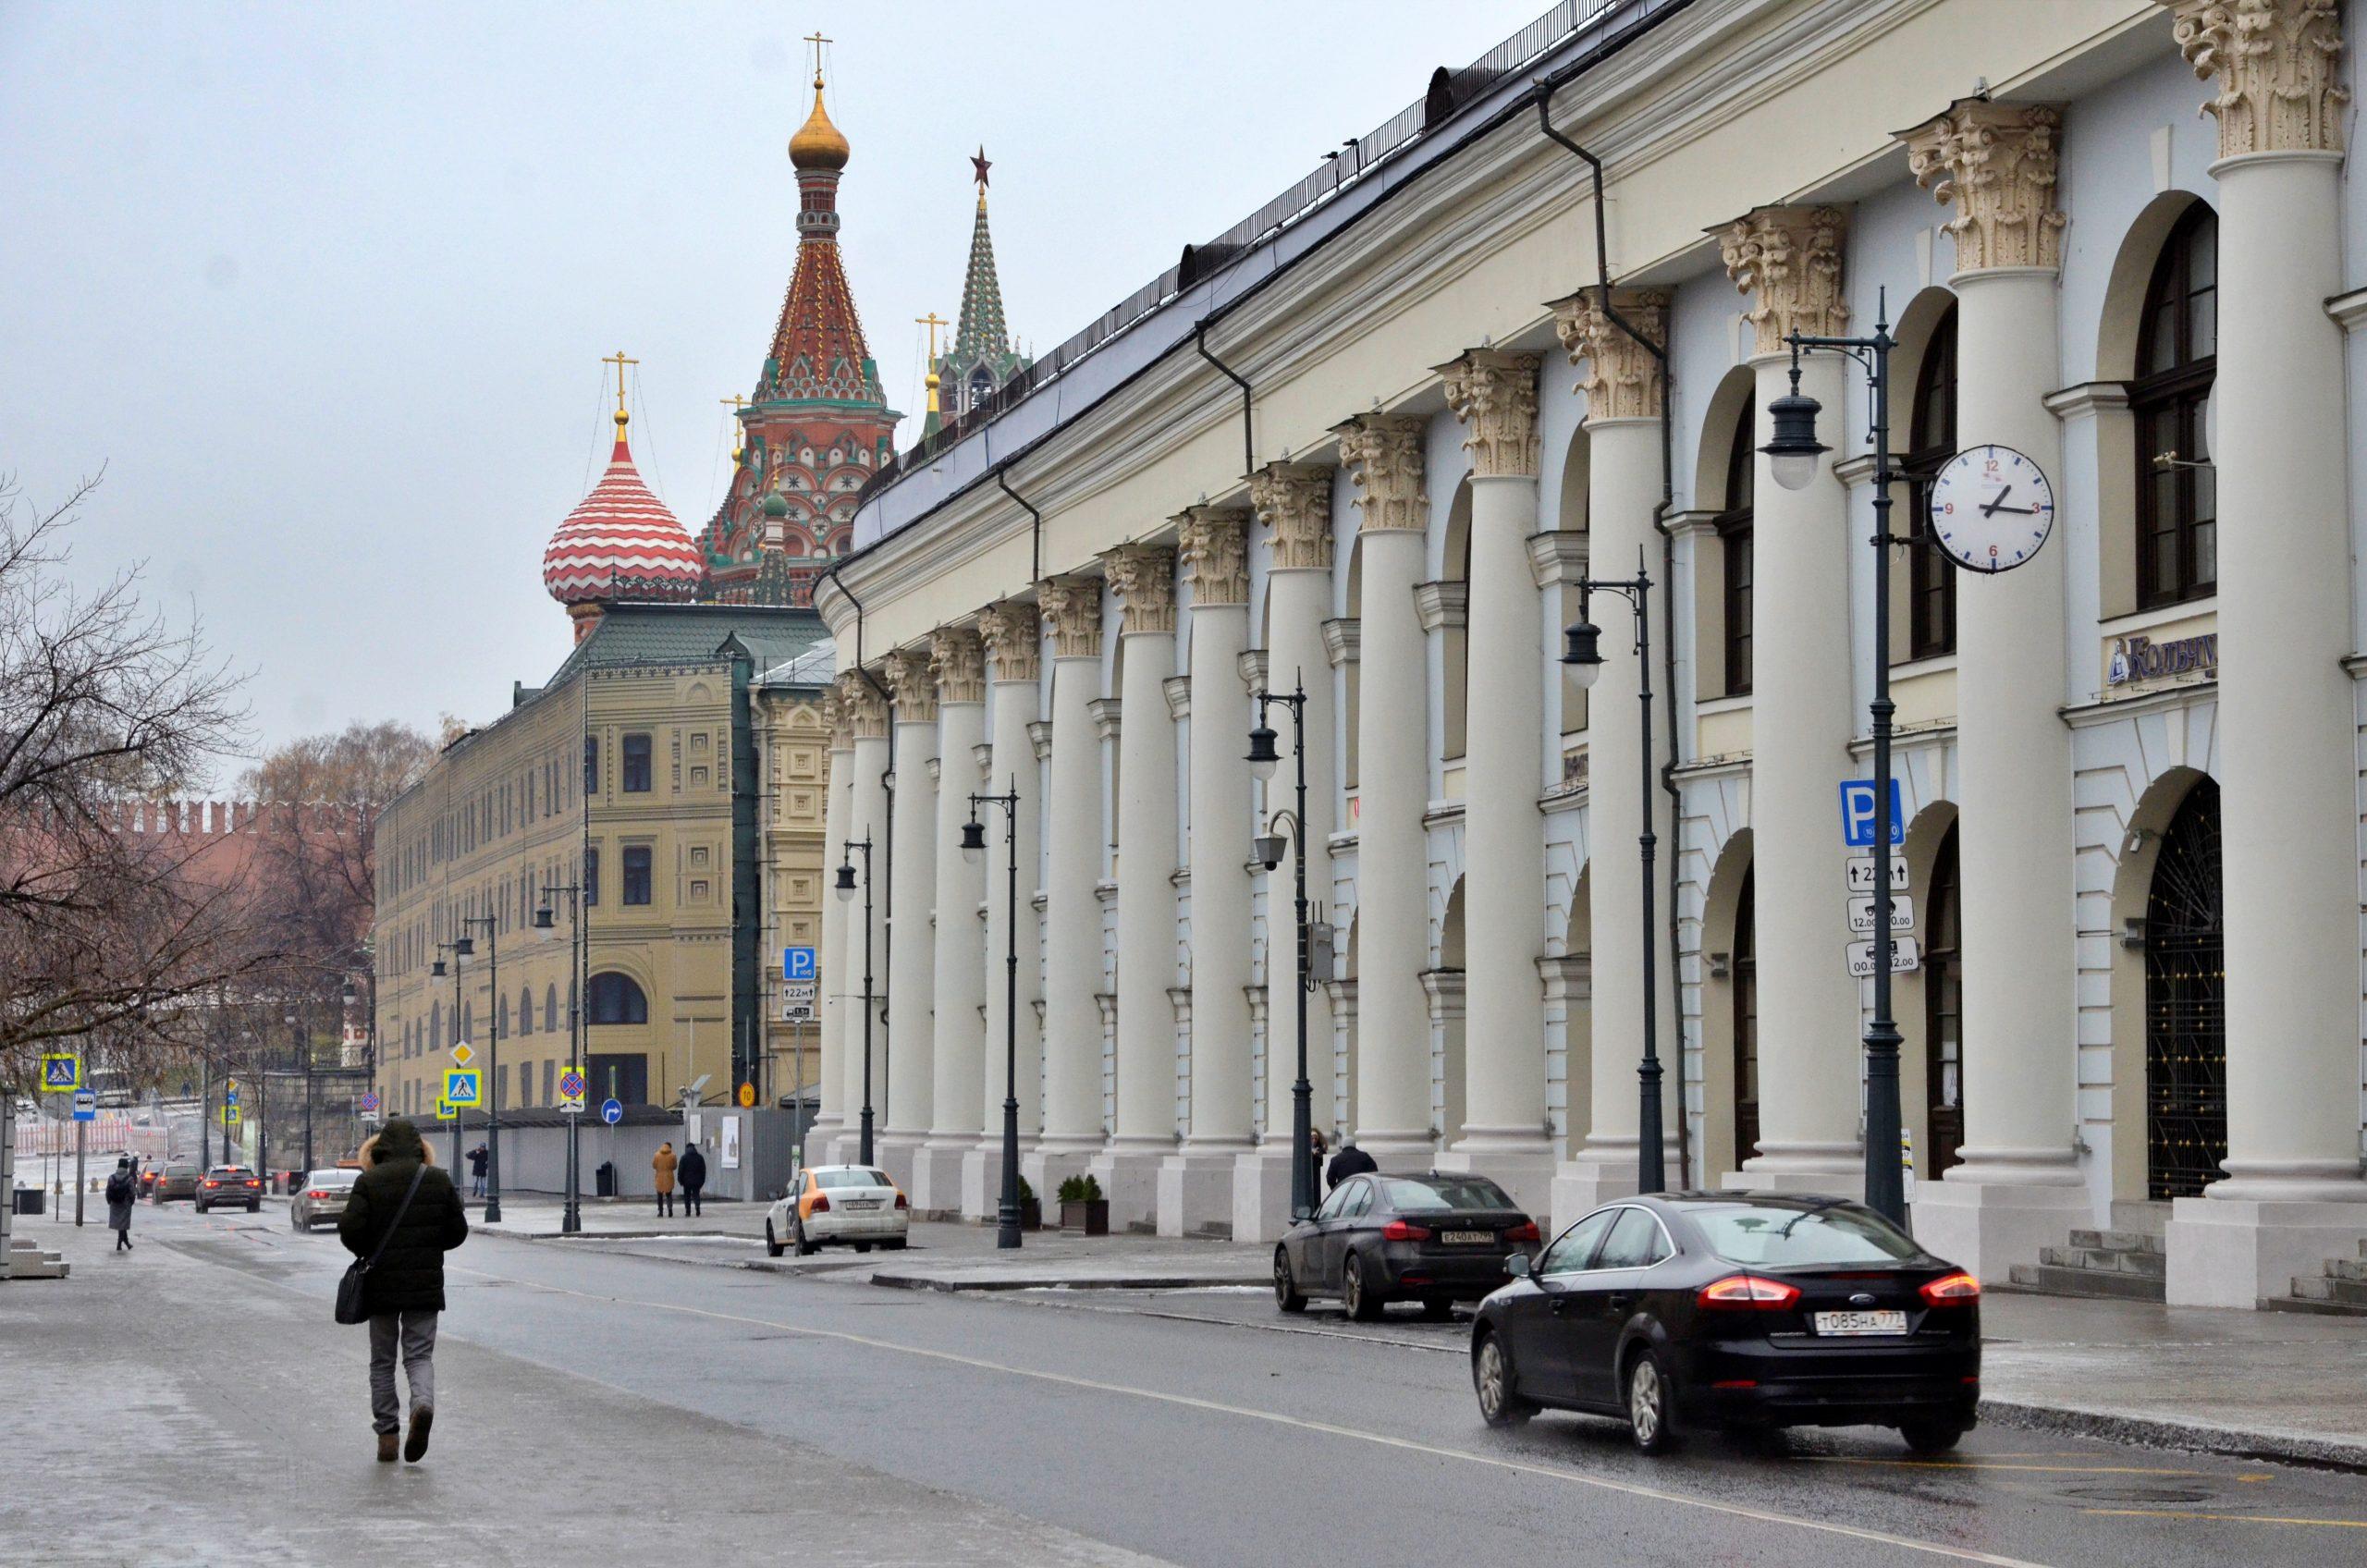 Эксклюзивную коллекцию музейного комплекса МФЮА представят в Гостином дворе